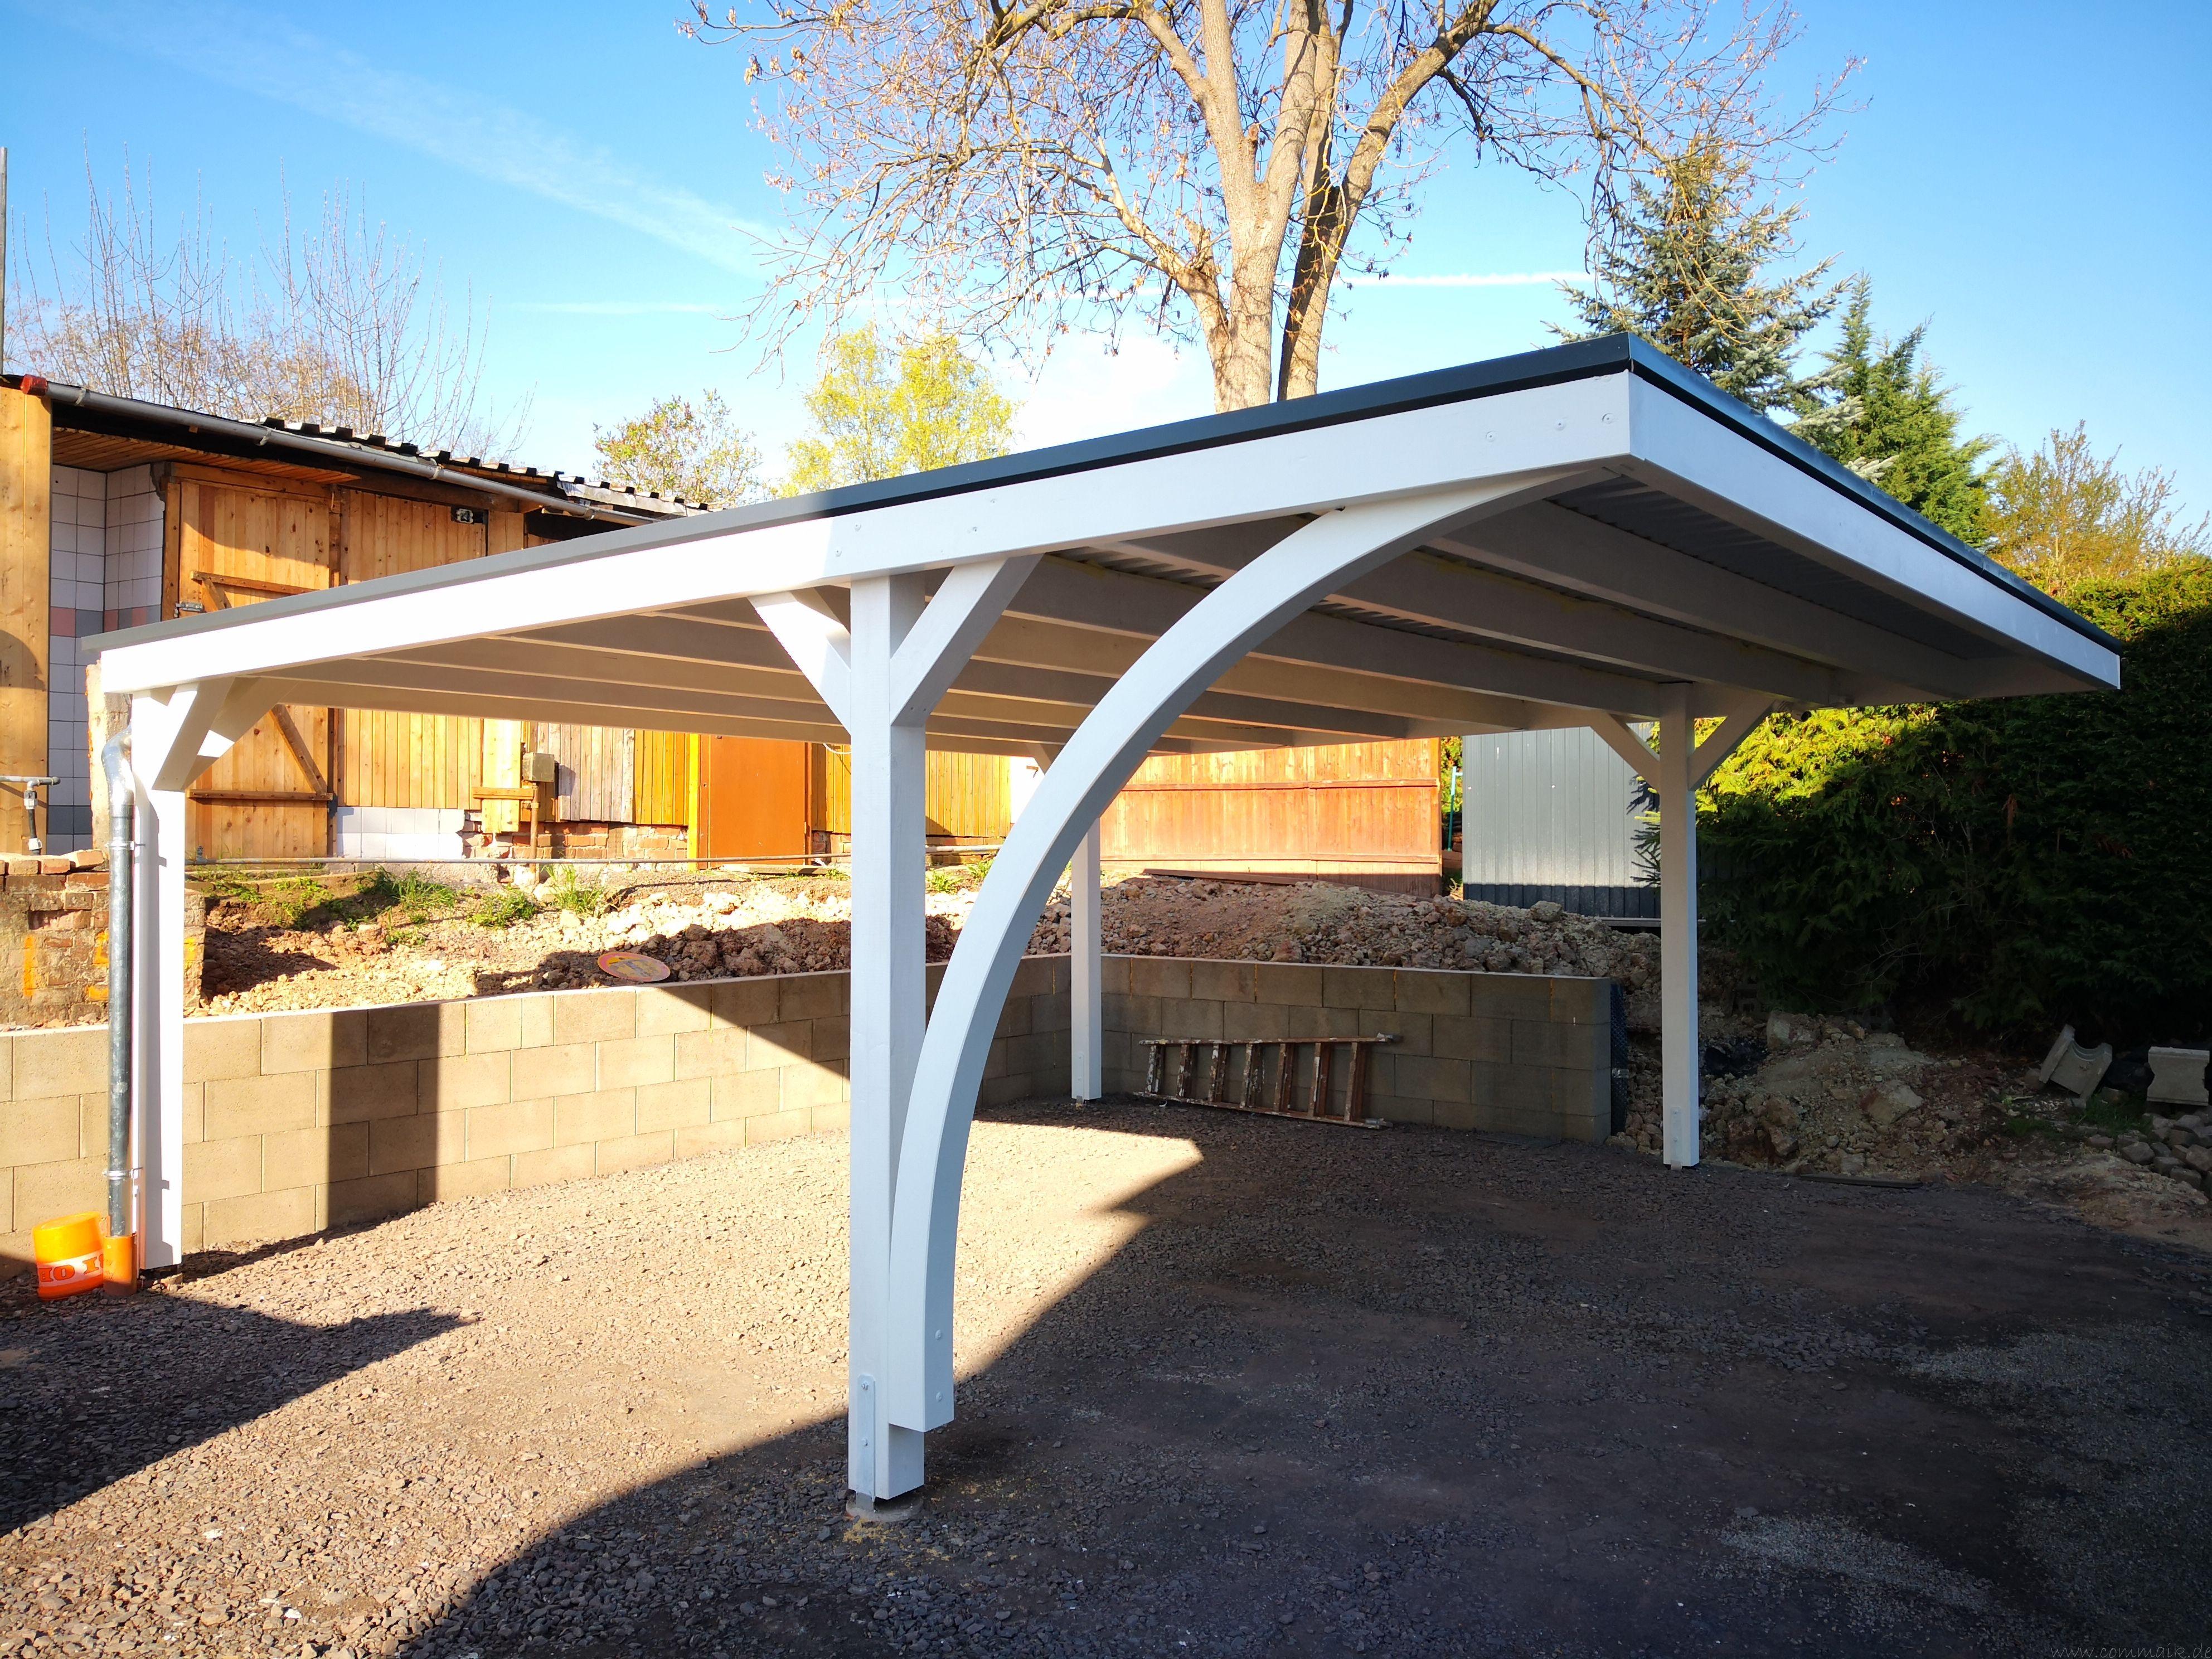 Neuer Carport mit Photovoltaik auf dem Dach Carport